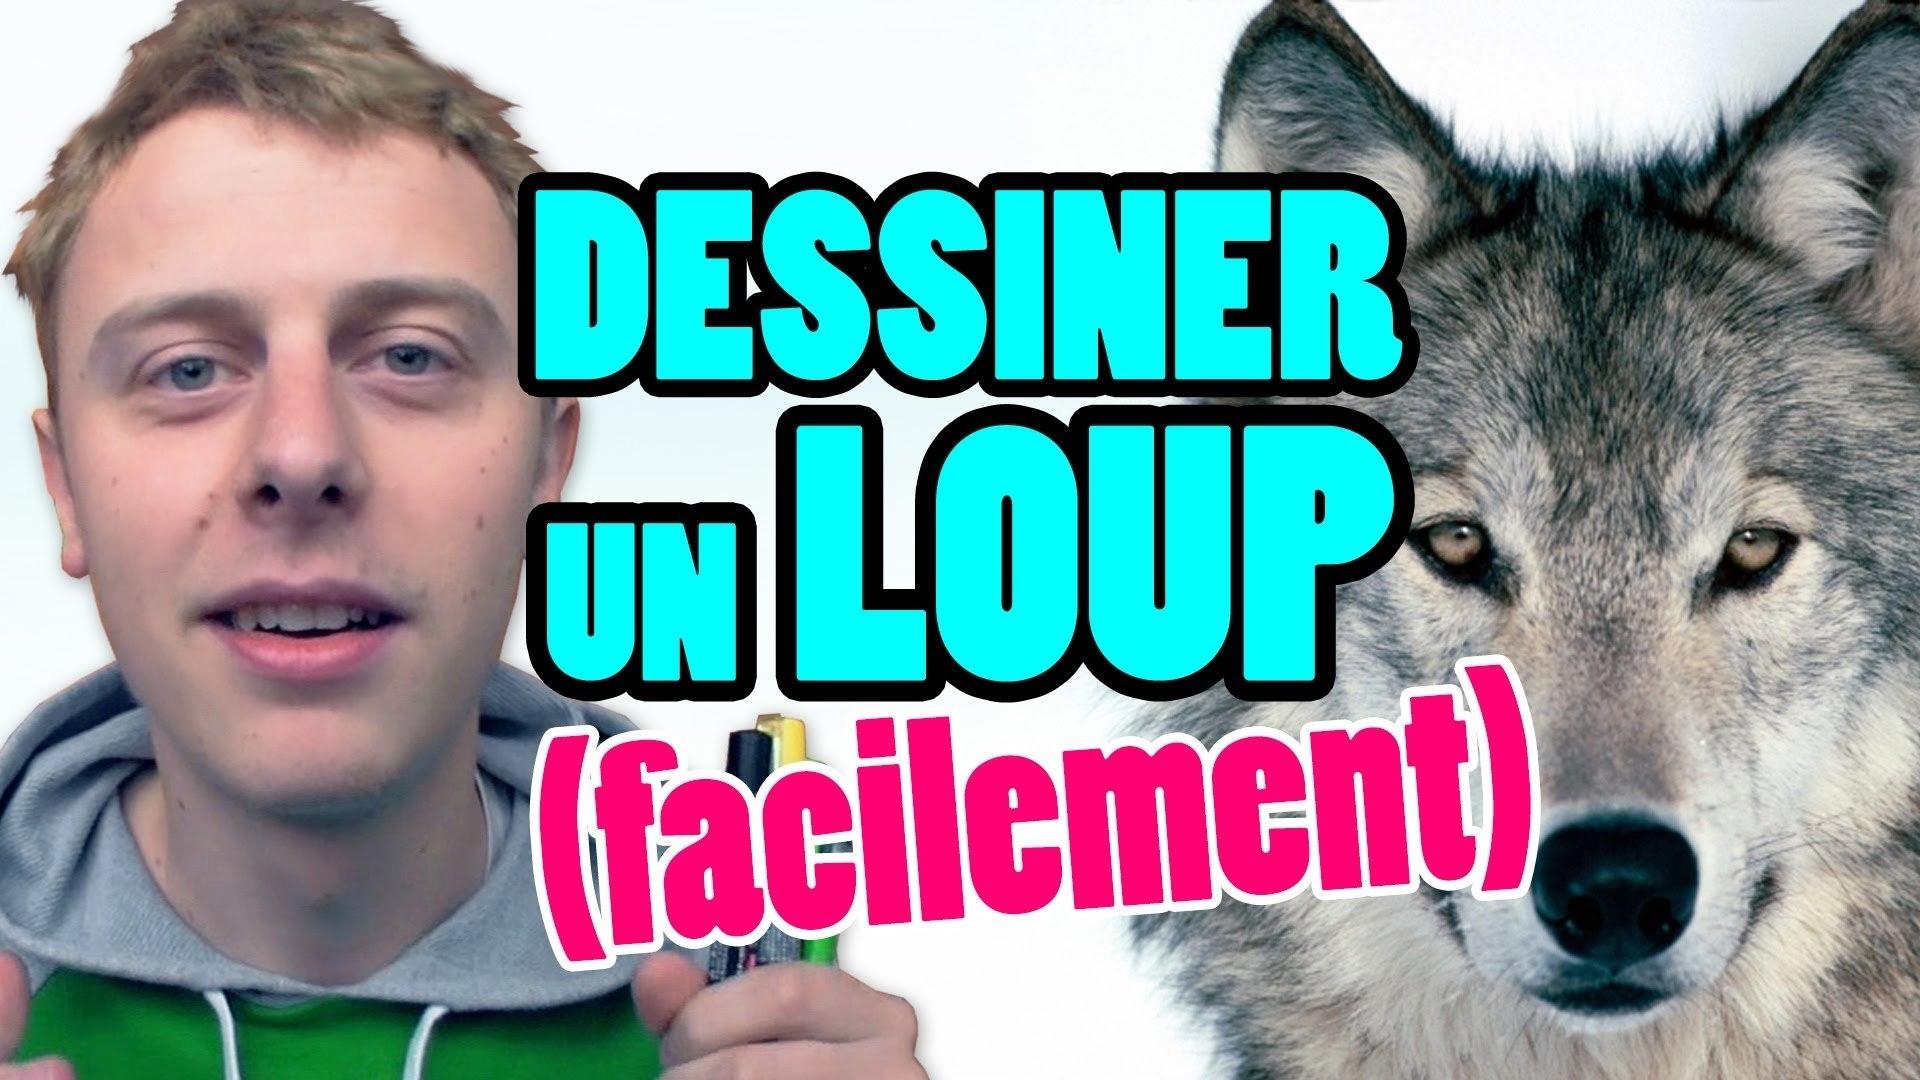 Petit Bonus Comment Dessiner Un Loup Facilement Norman Video Dailymotion